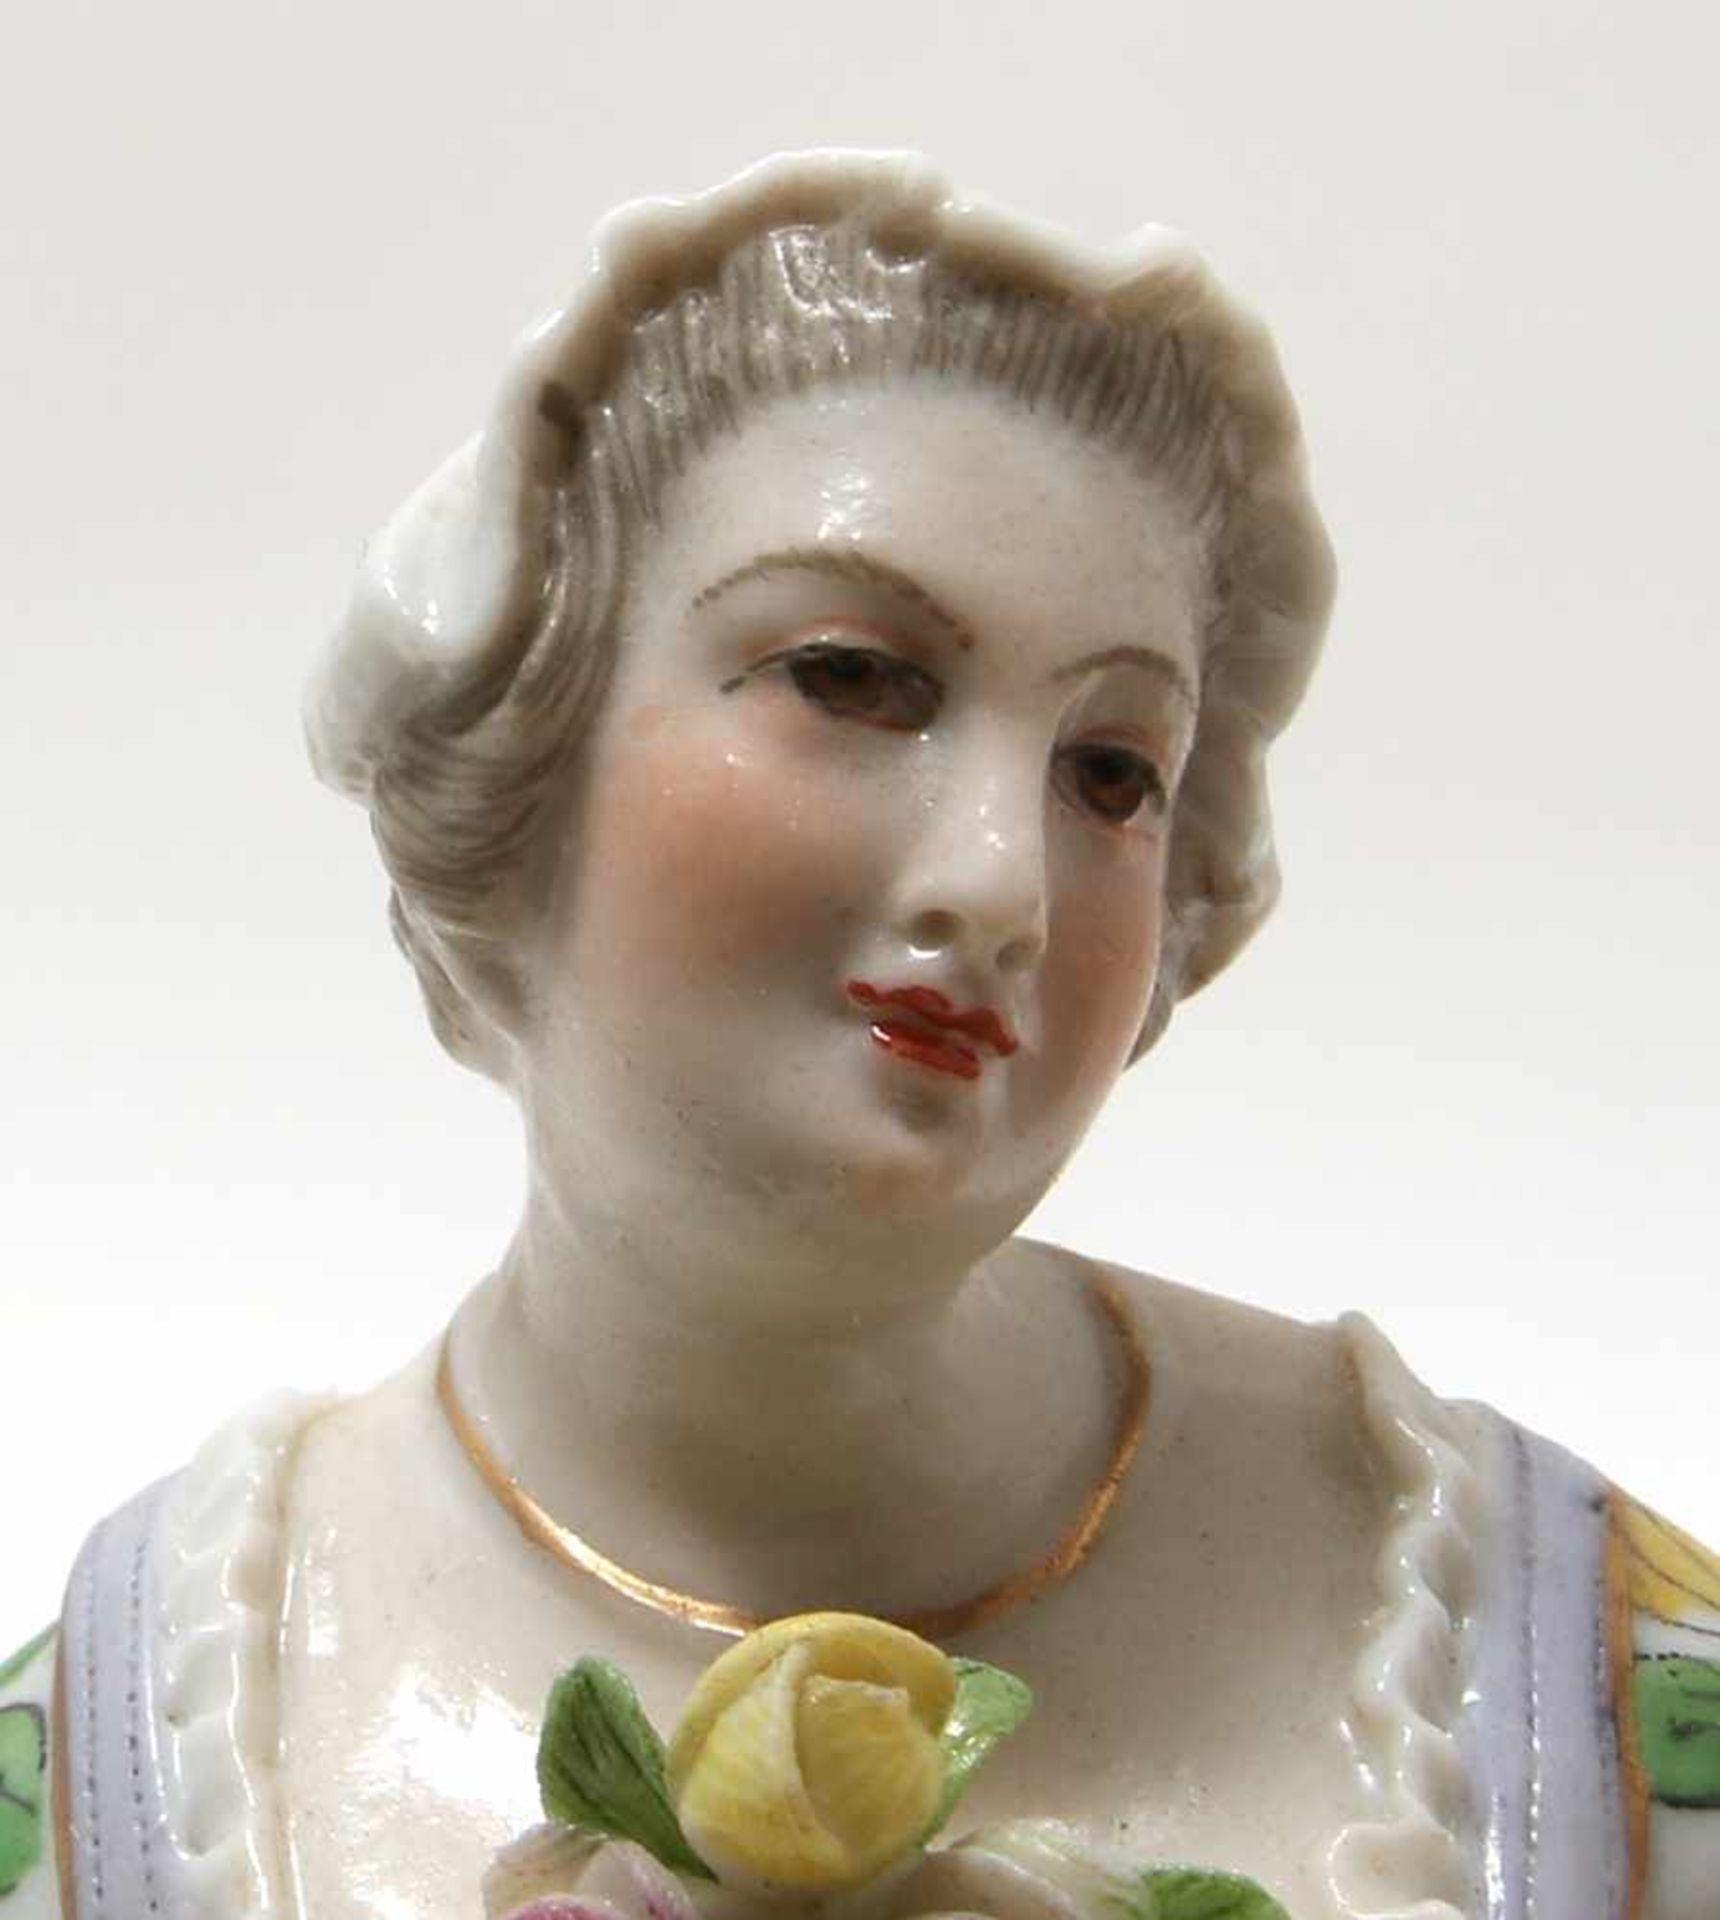 FigurengruppeFrankenthal 18. Jh. Kavalier mit Dame im Krinolinenrock. Porzellan mit aufbossierten - Bild 6 aus 10